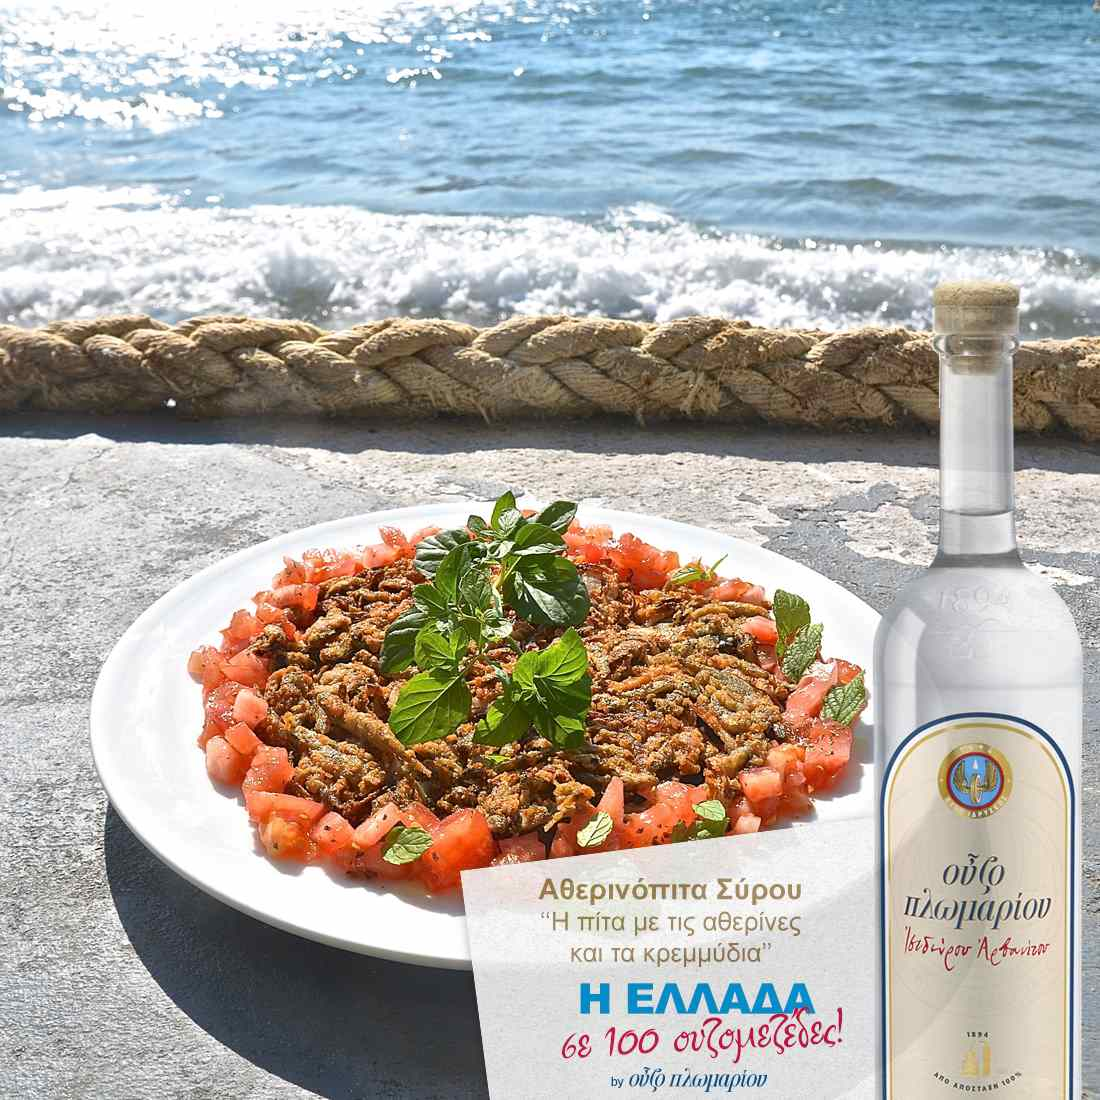 Αθερινόπιτα Σύρου - Ουζομεζέδες - Greek Gastronomy Guide